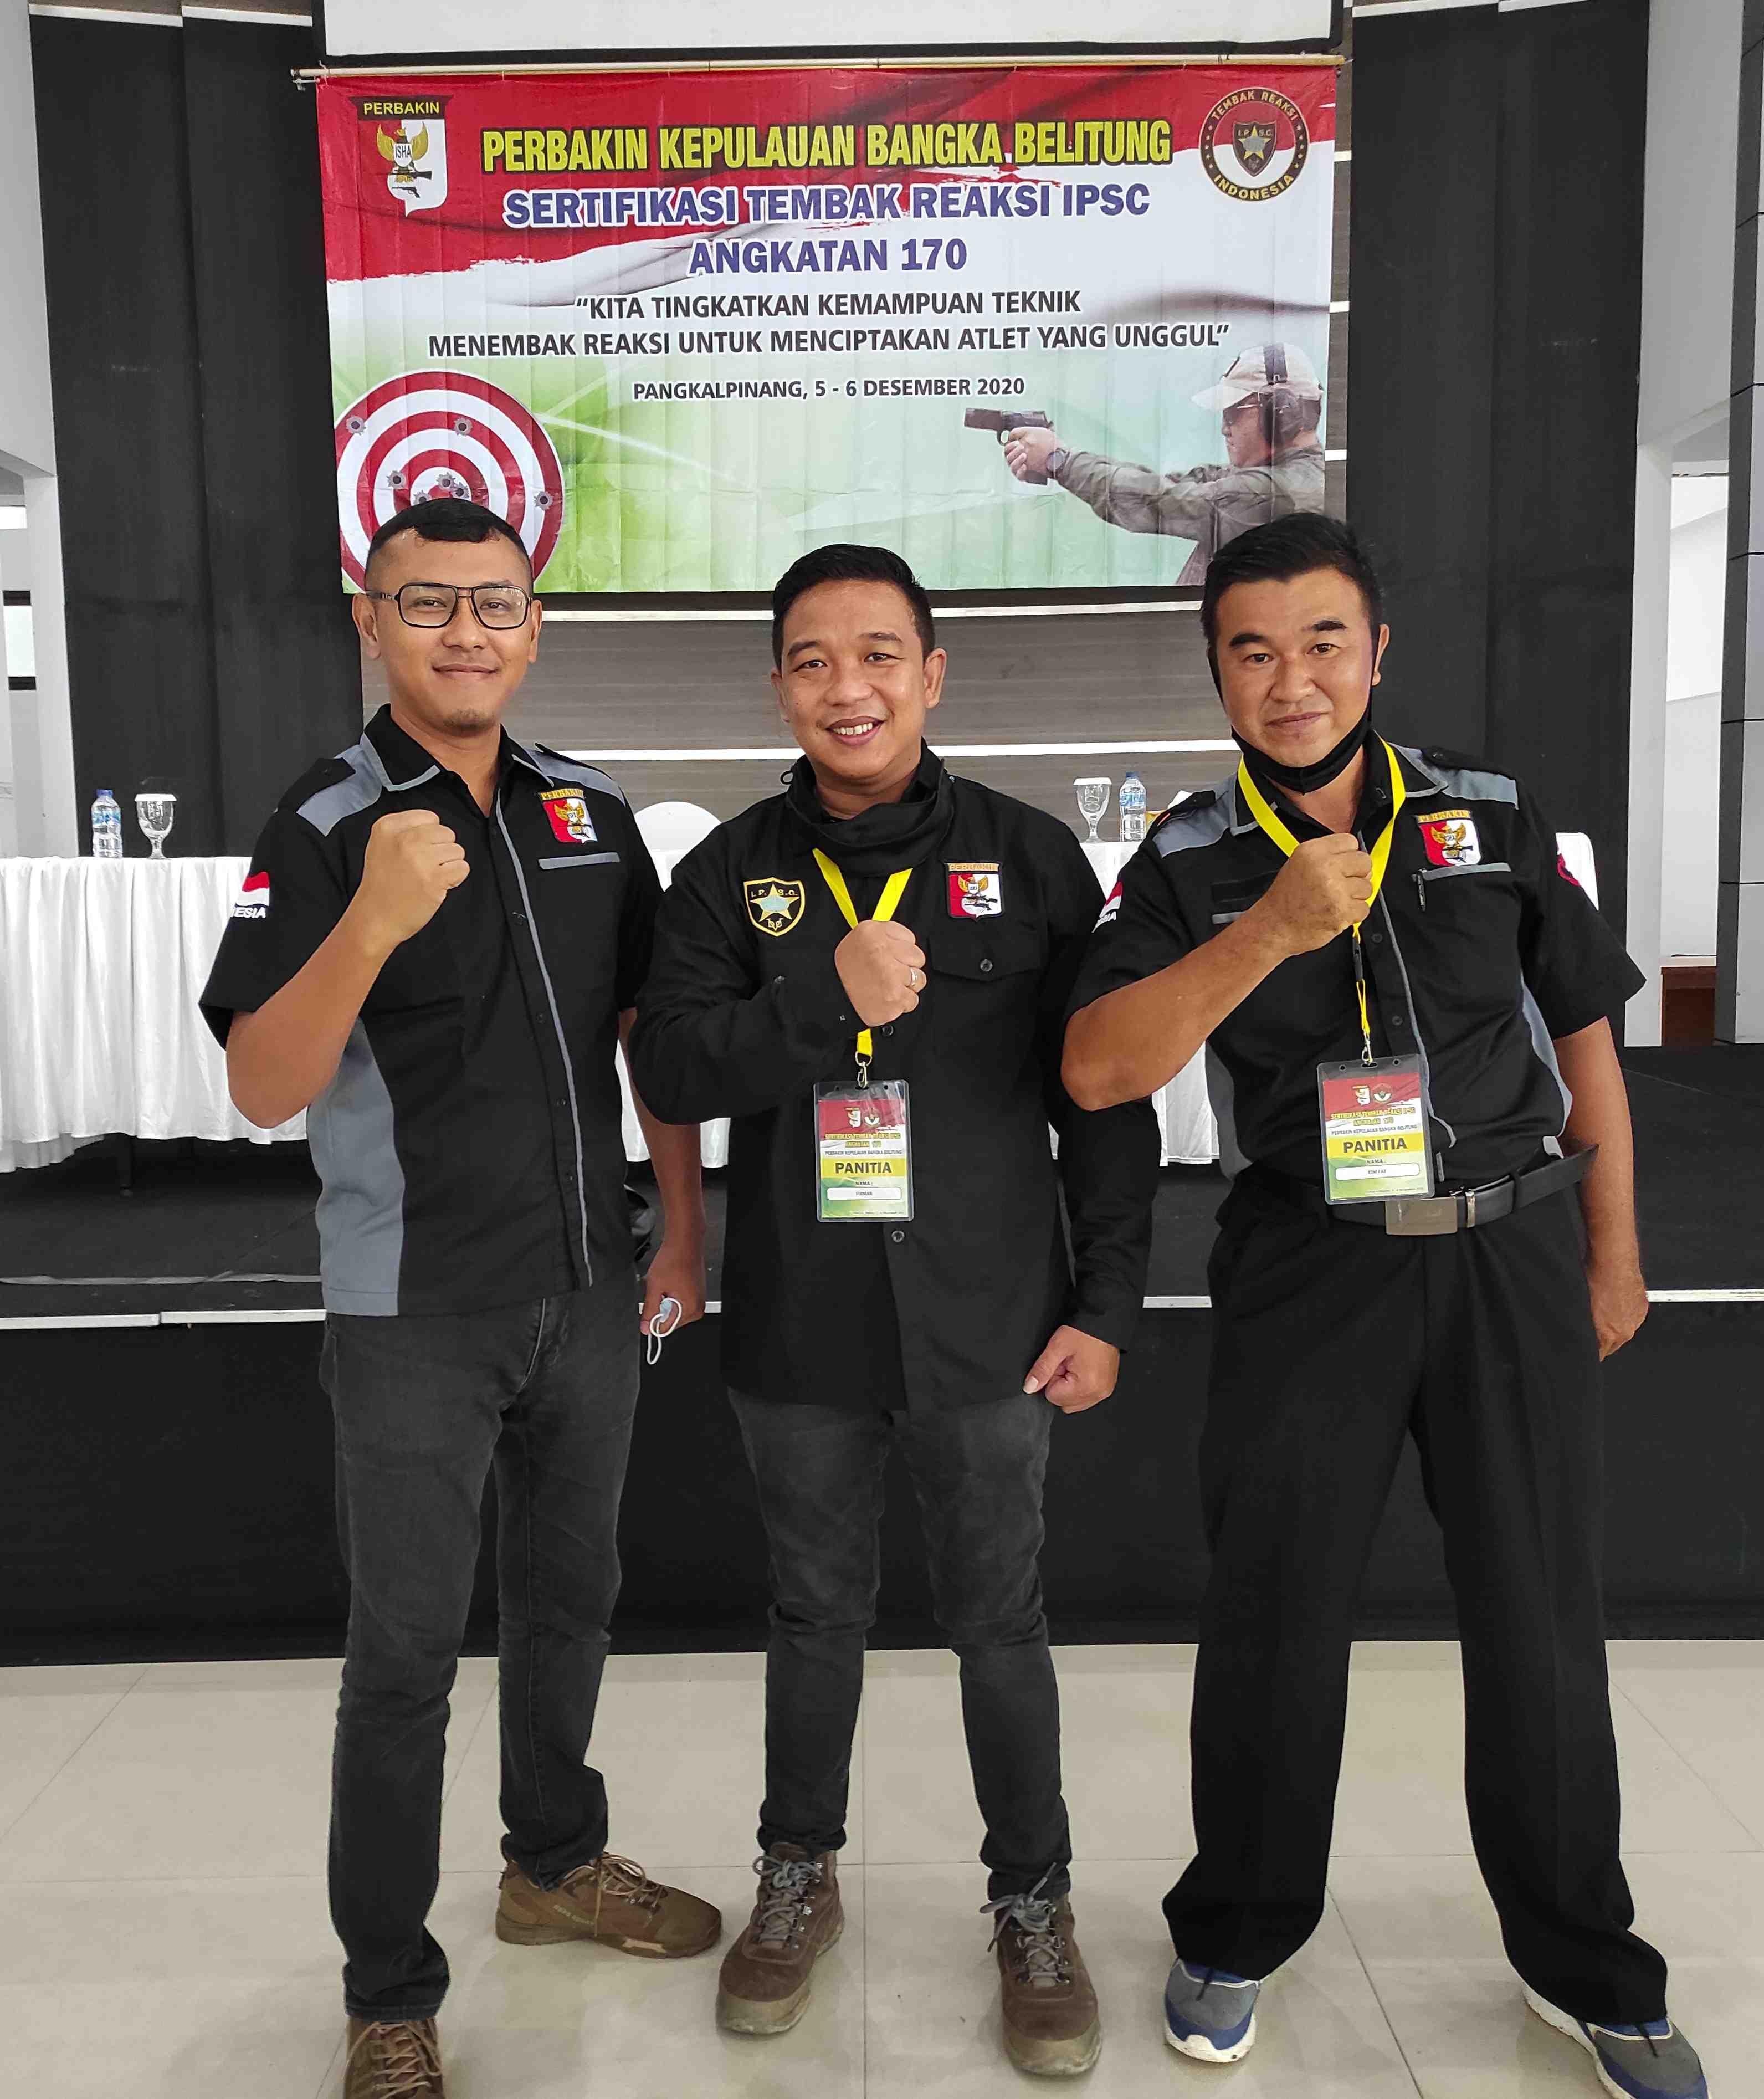 Perbakin Kepulauan Bangka Belitung Gelar Sertifikasi IPSC Angkatan 170